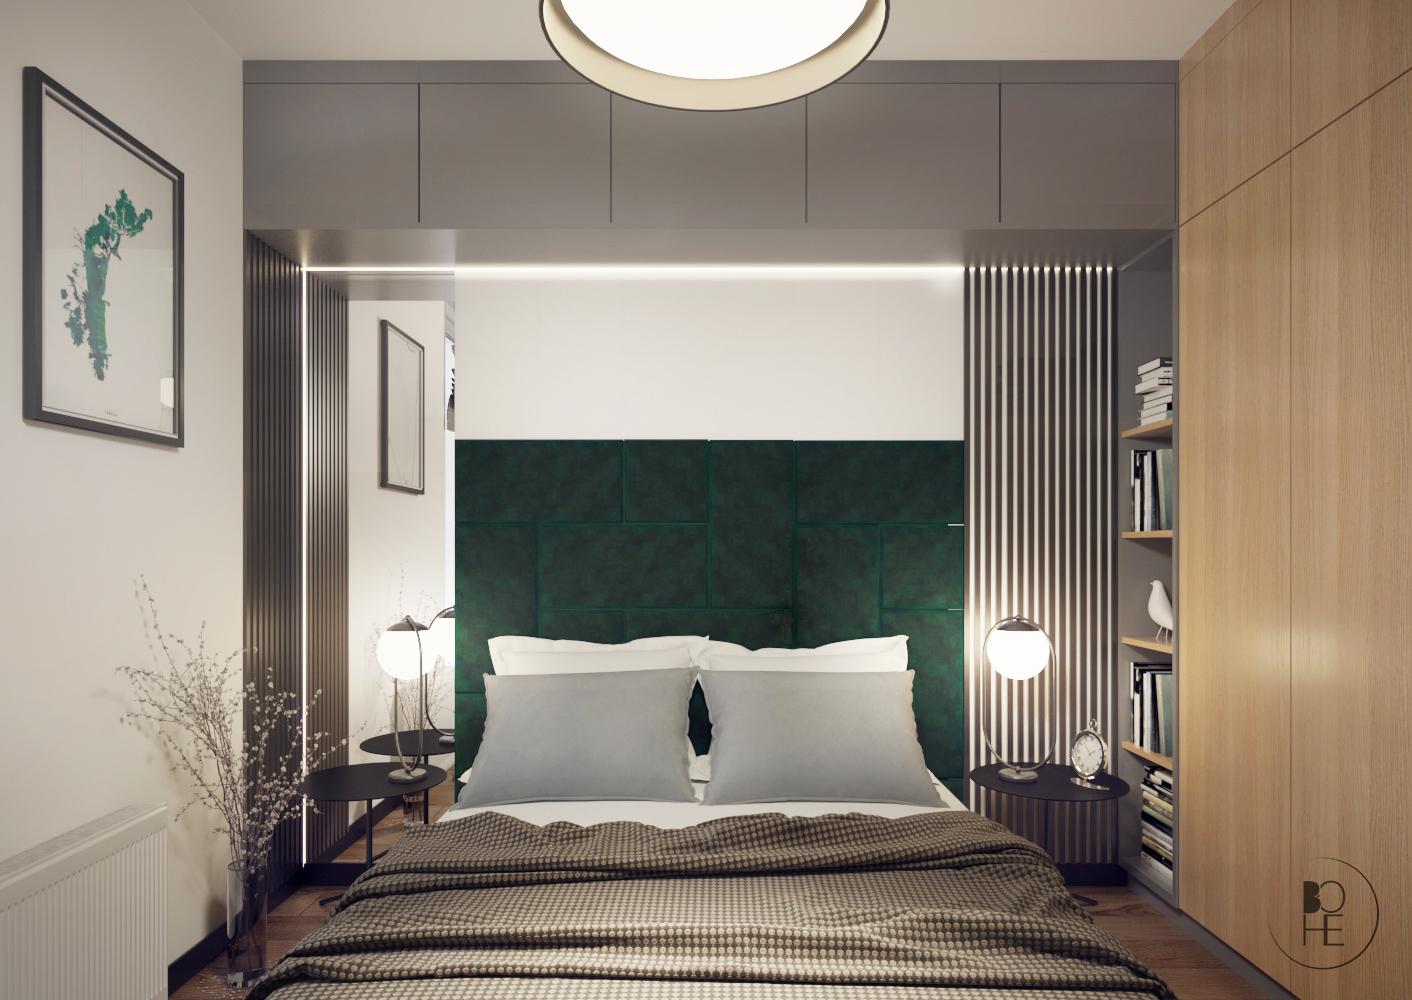 architekt wnętrz Łódź projekt wnętrza sypialni w zieleni i drewnie w Łodzi